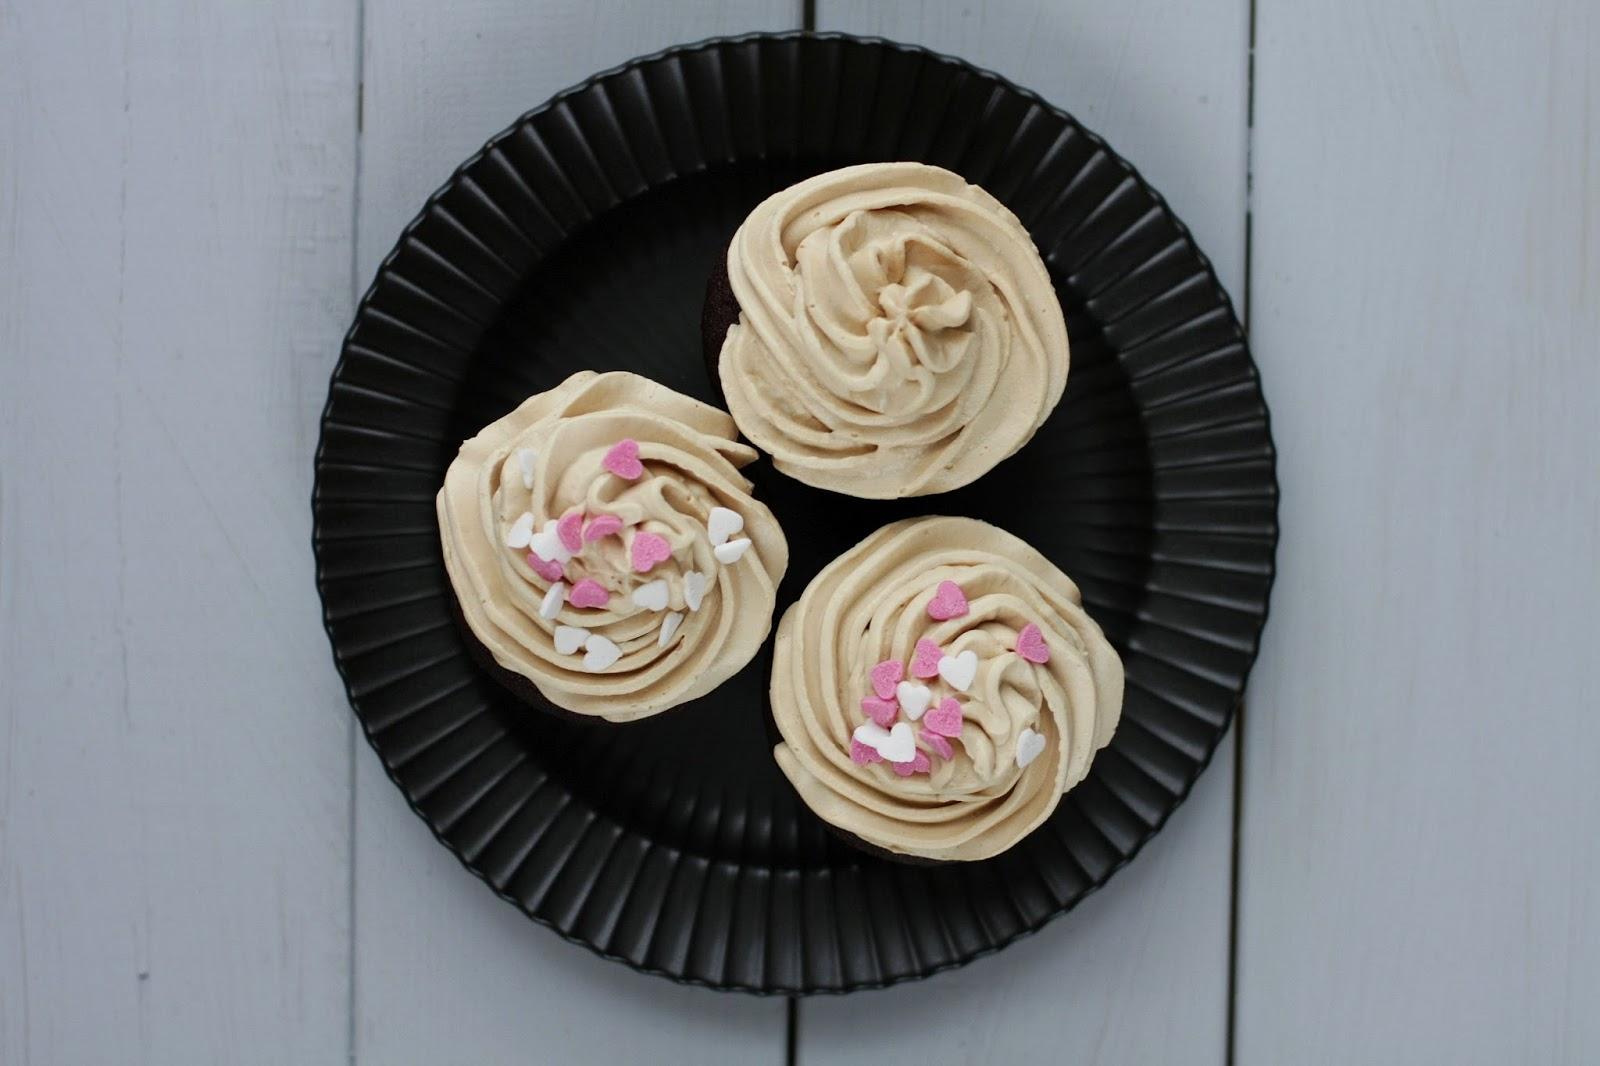 kinuski-stout cupcaket kuppikakut mallaspulla